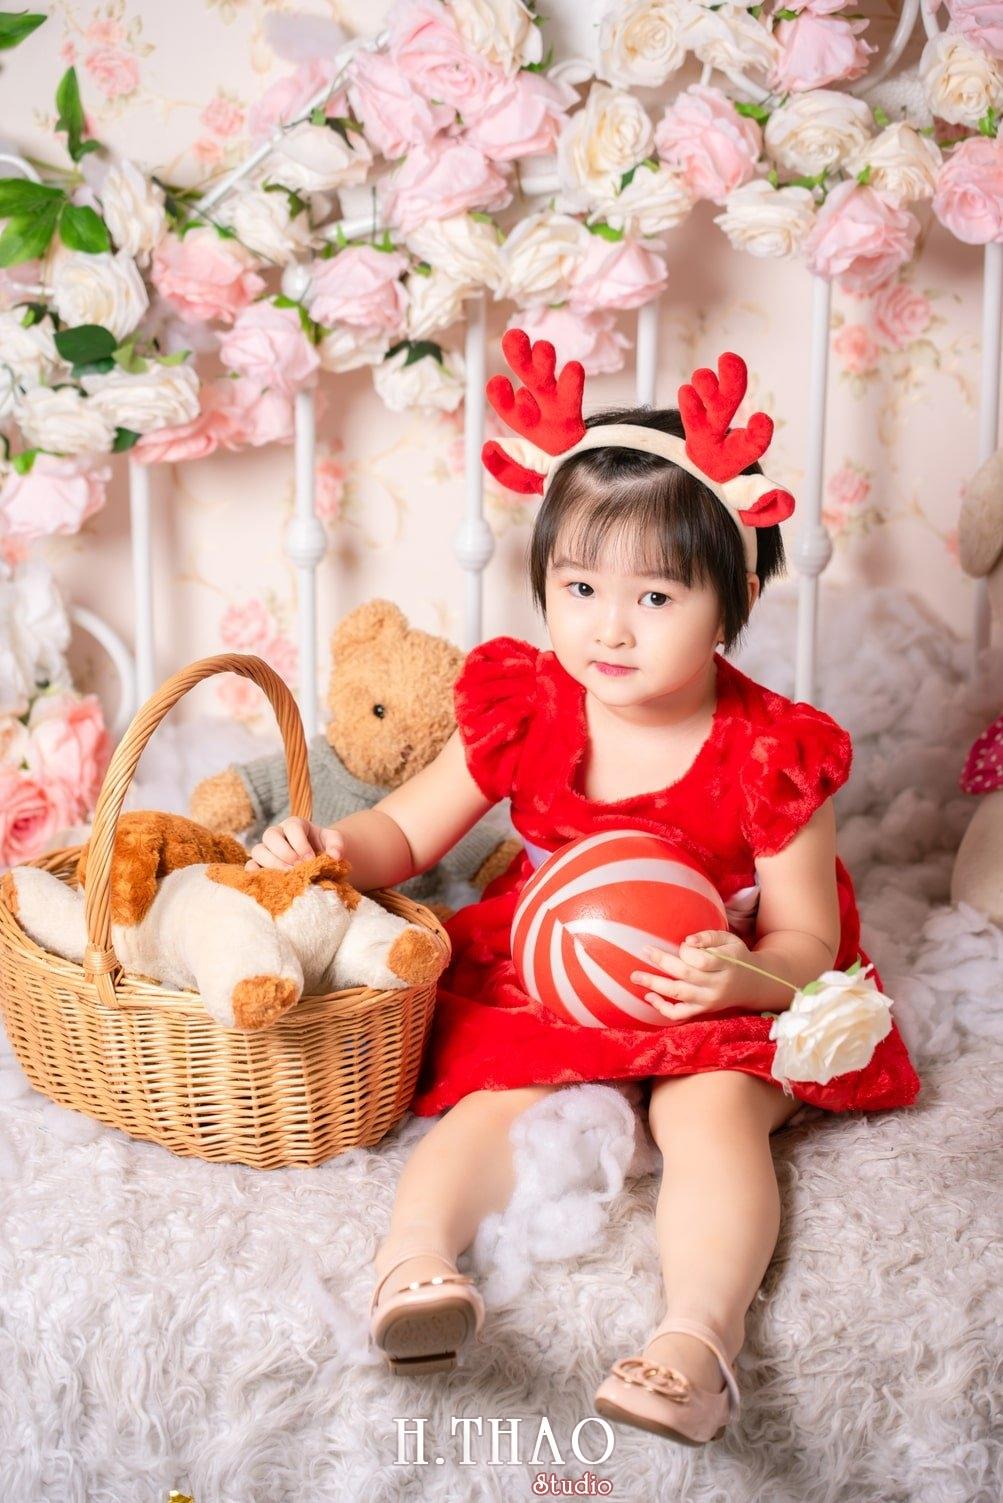 Anh be noel 8 - Album ảnh noel chụp cho con gái cưng chị Linh - HThao Studio